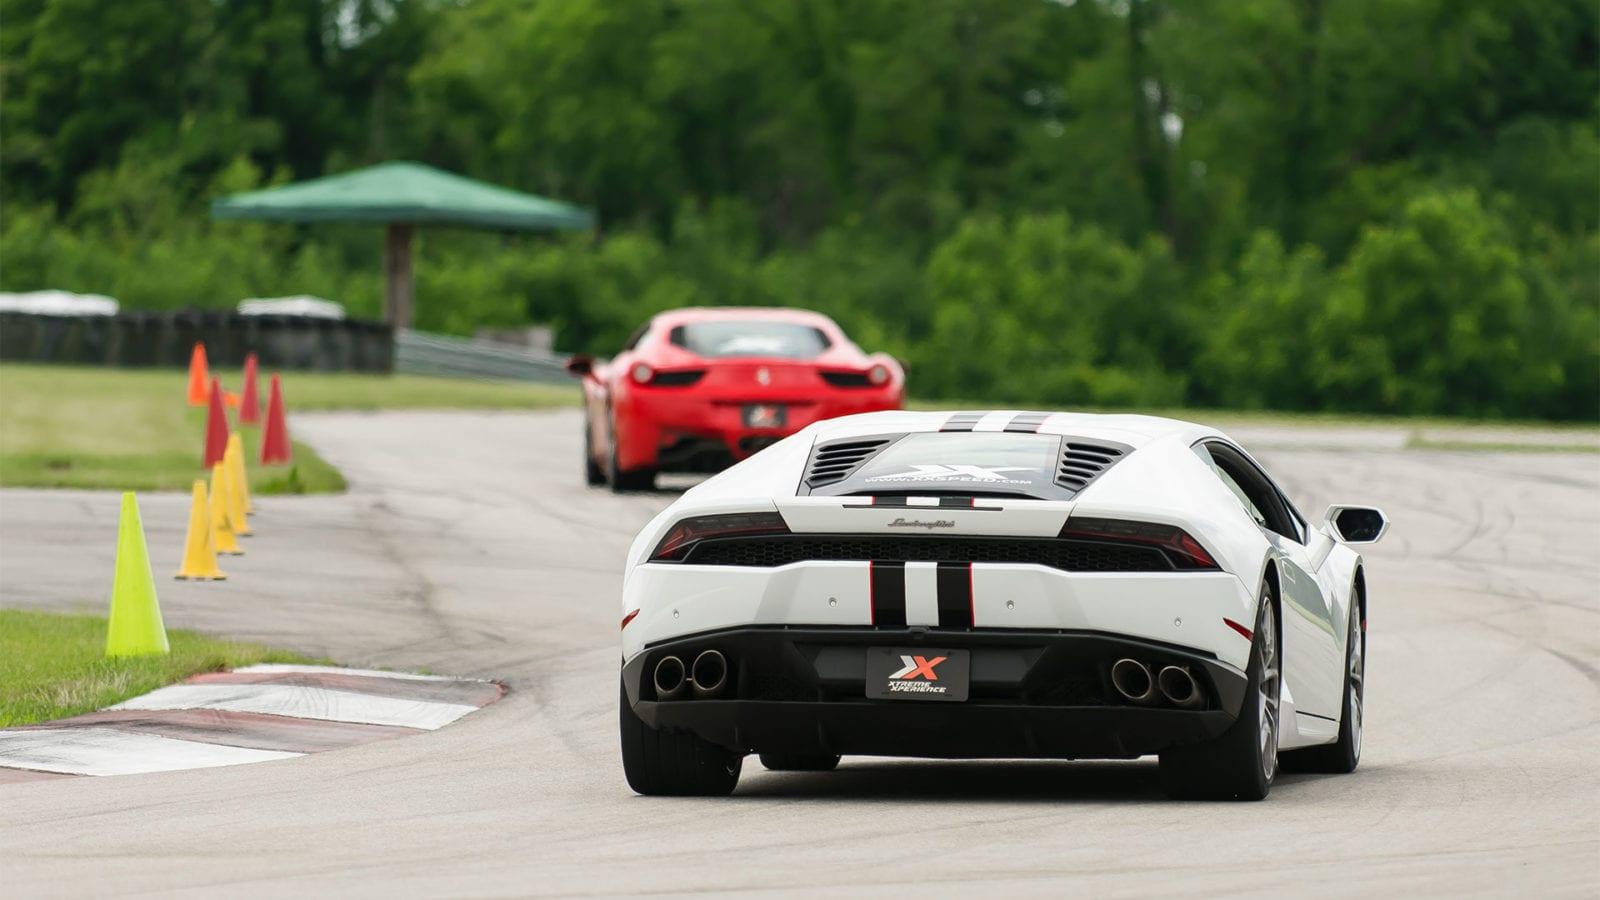 Lamborghini Huracan and a Ferrari 458 Italia on a racetrack